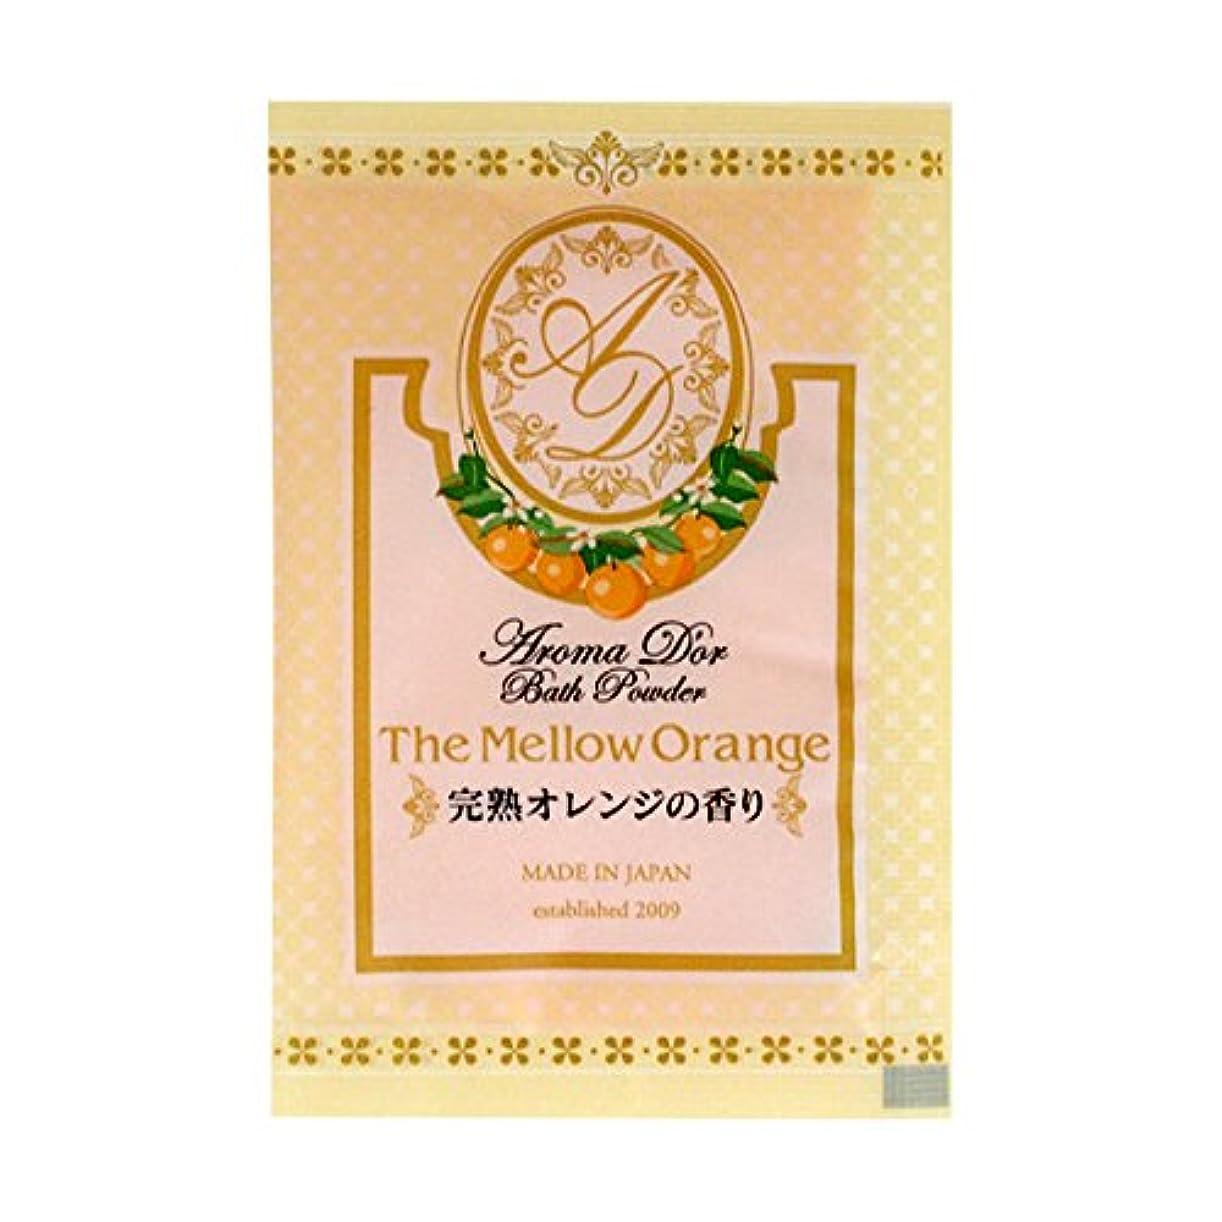 肘掛け椅子達成する石鹸入浴剤 アロマドールバスパウダー 「完熟オレンジの香り」30個